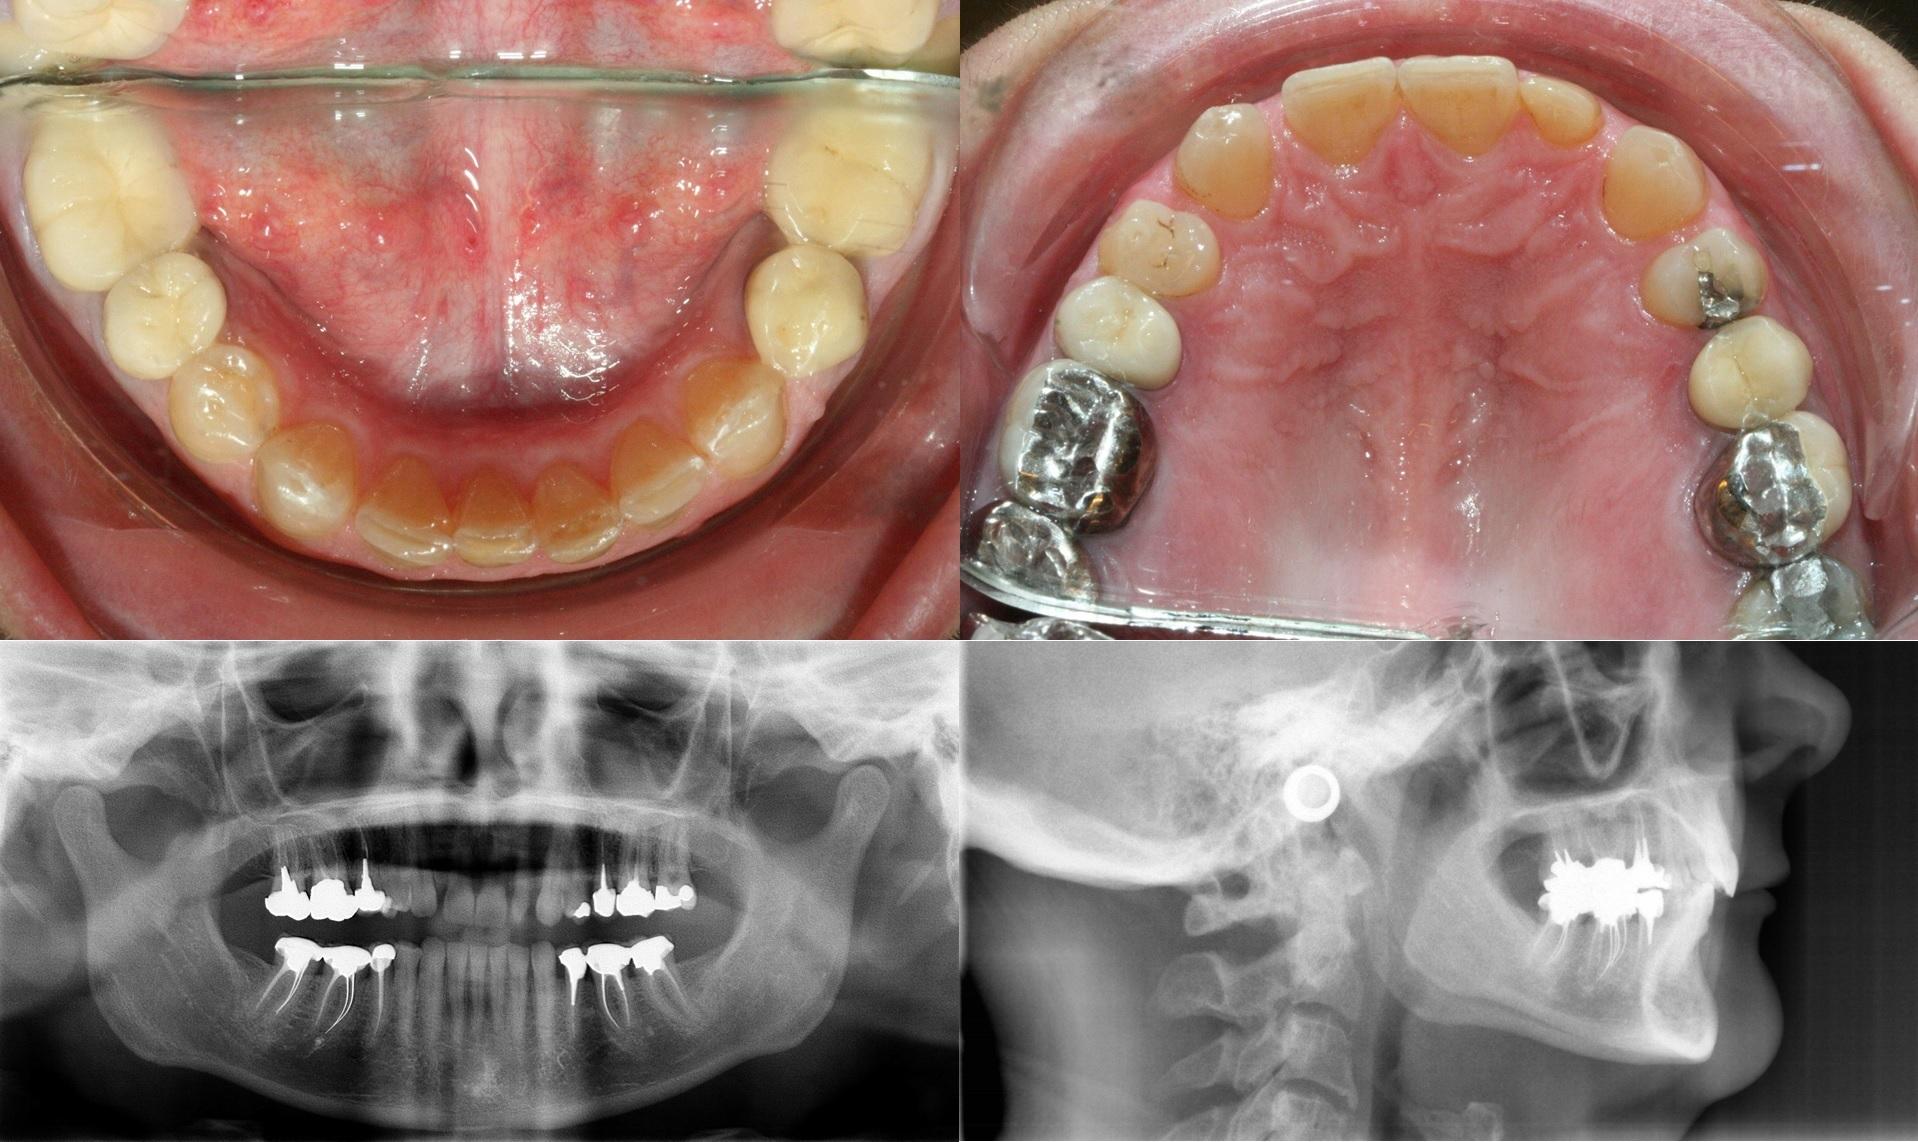 Orthodontie rapide - cas1.2 - apnee du sommeil.jpg